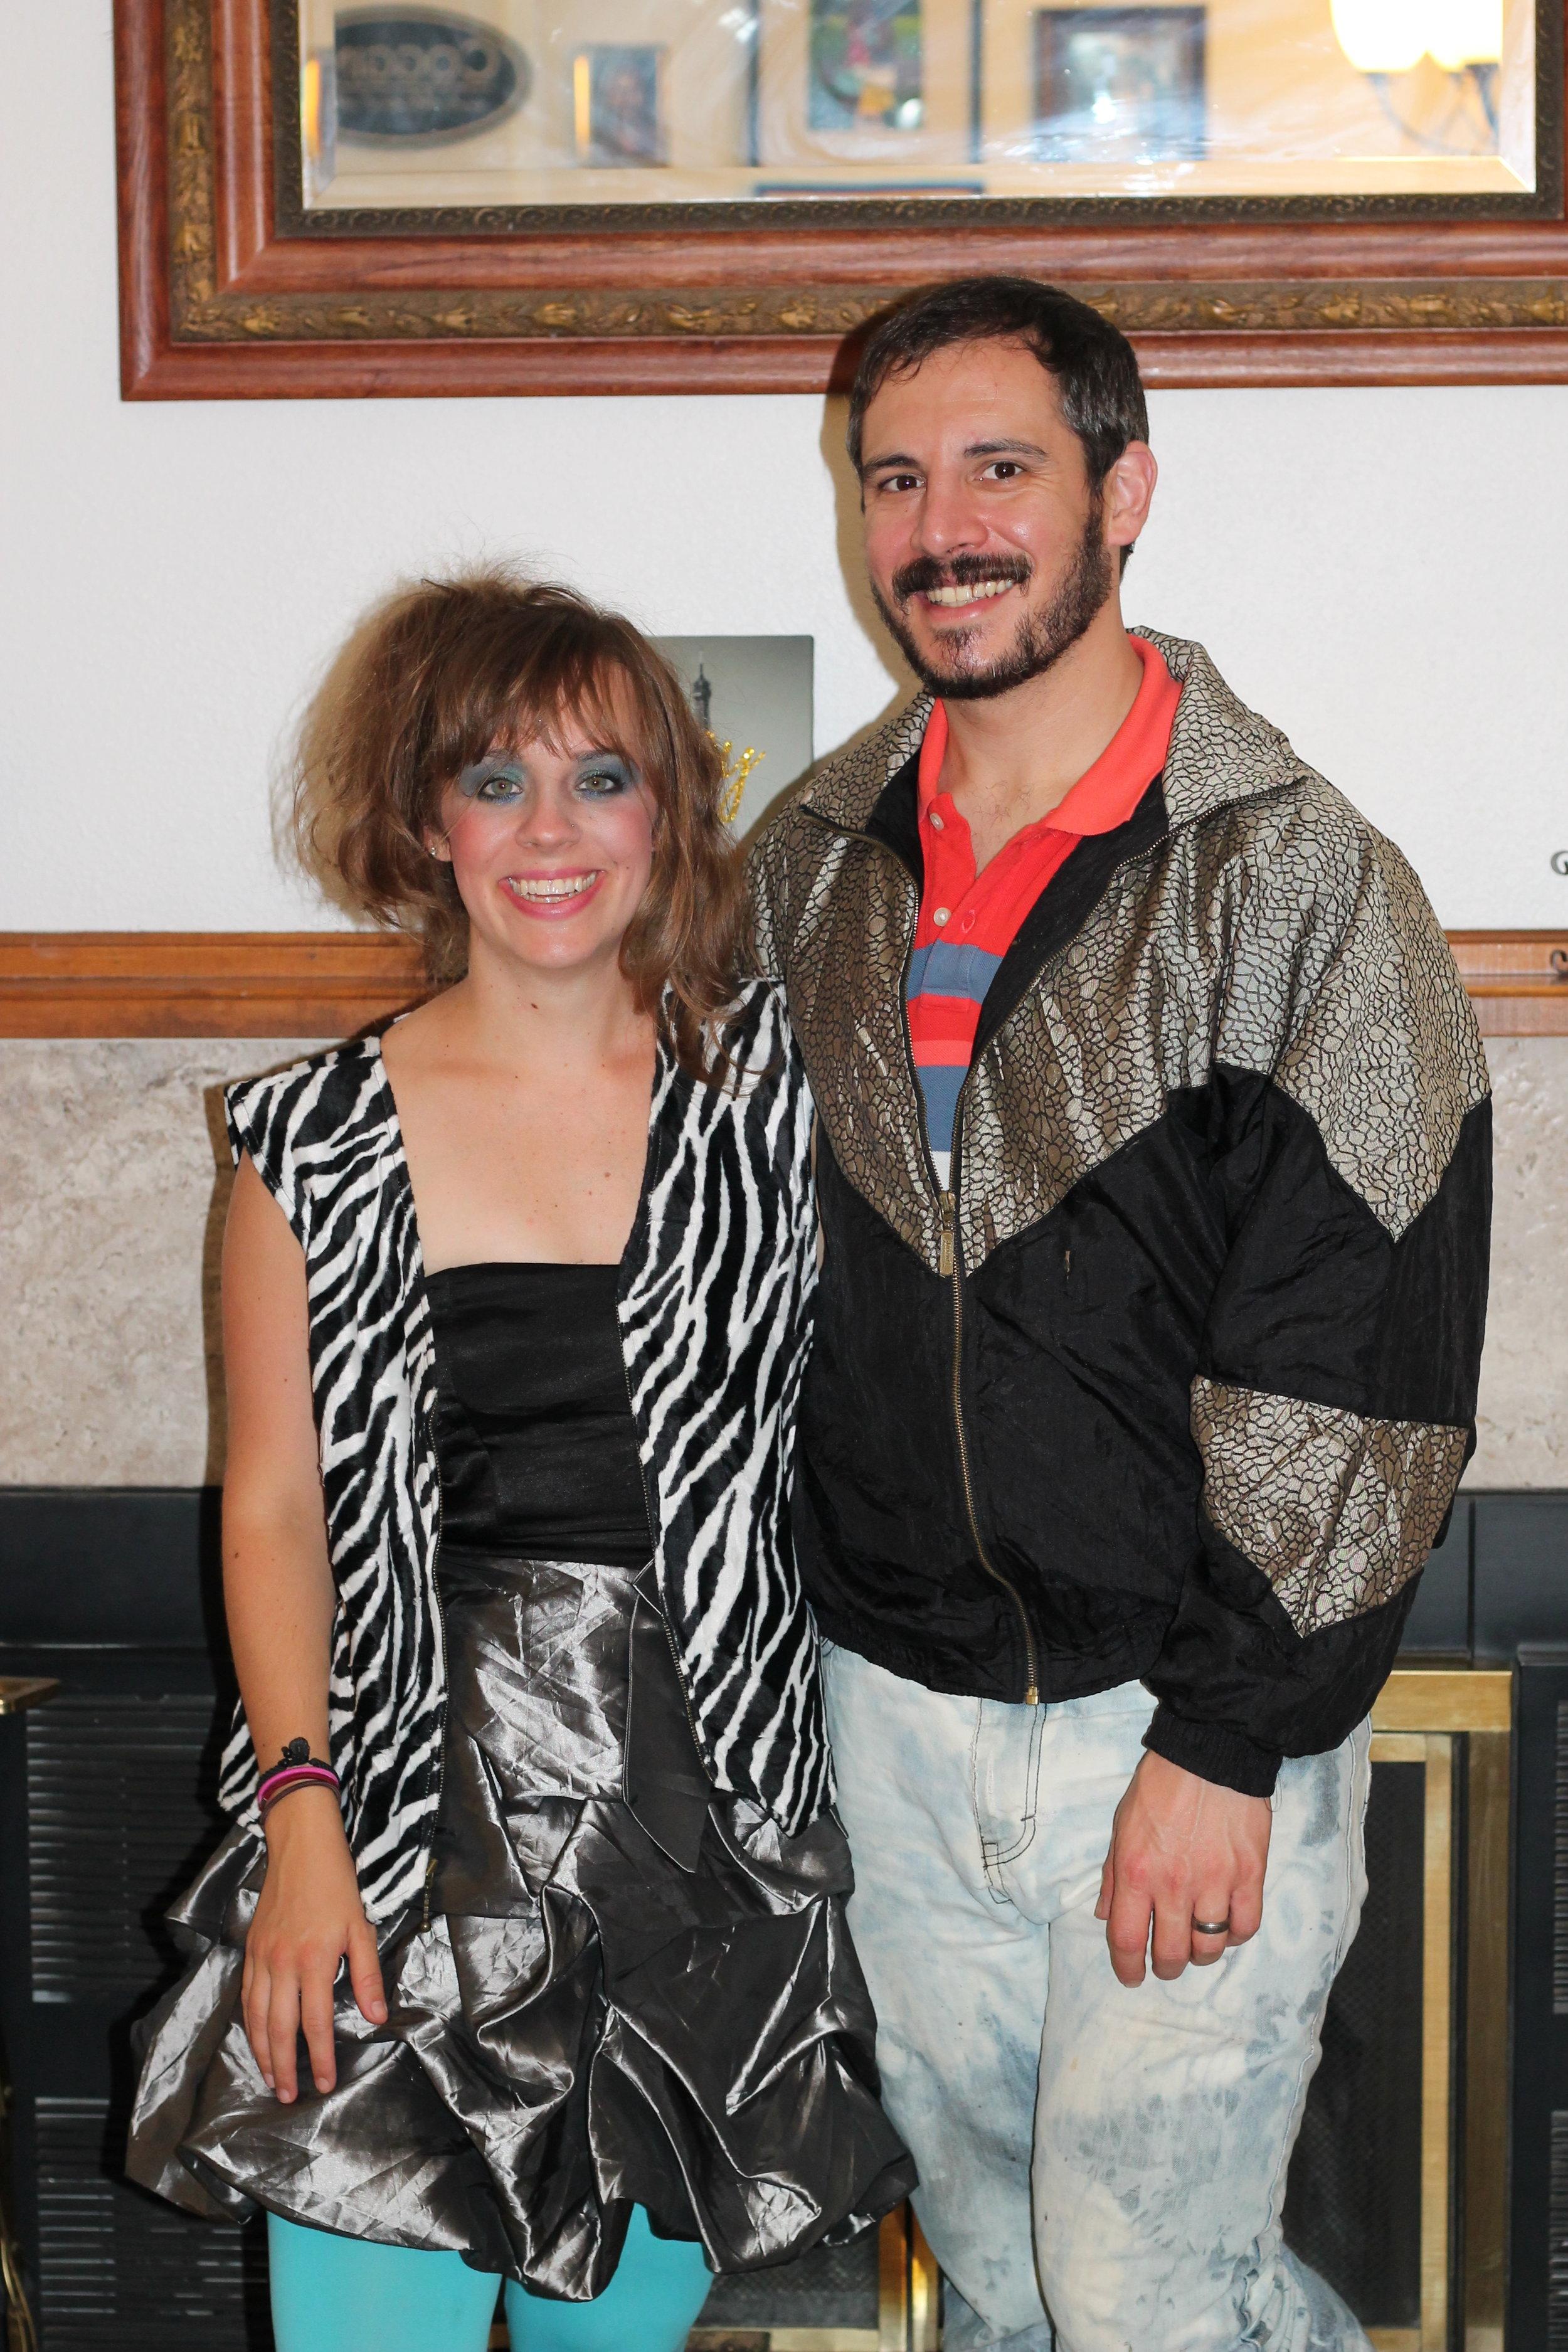 80's couple costume!